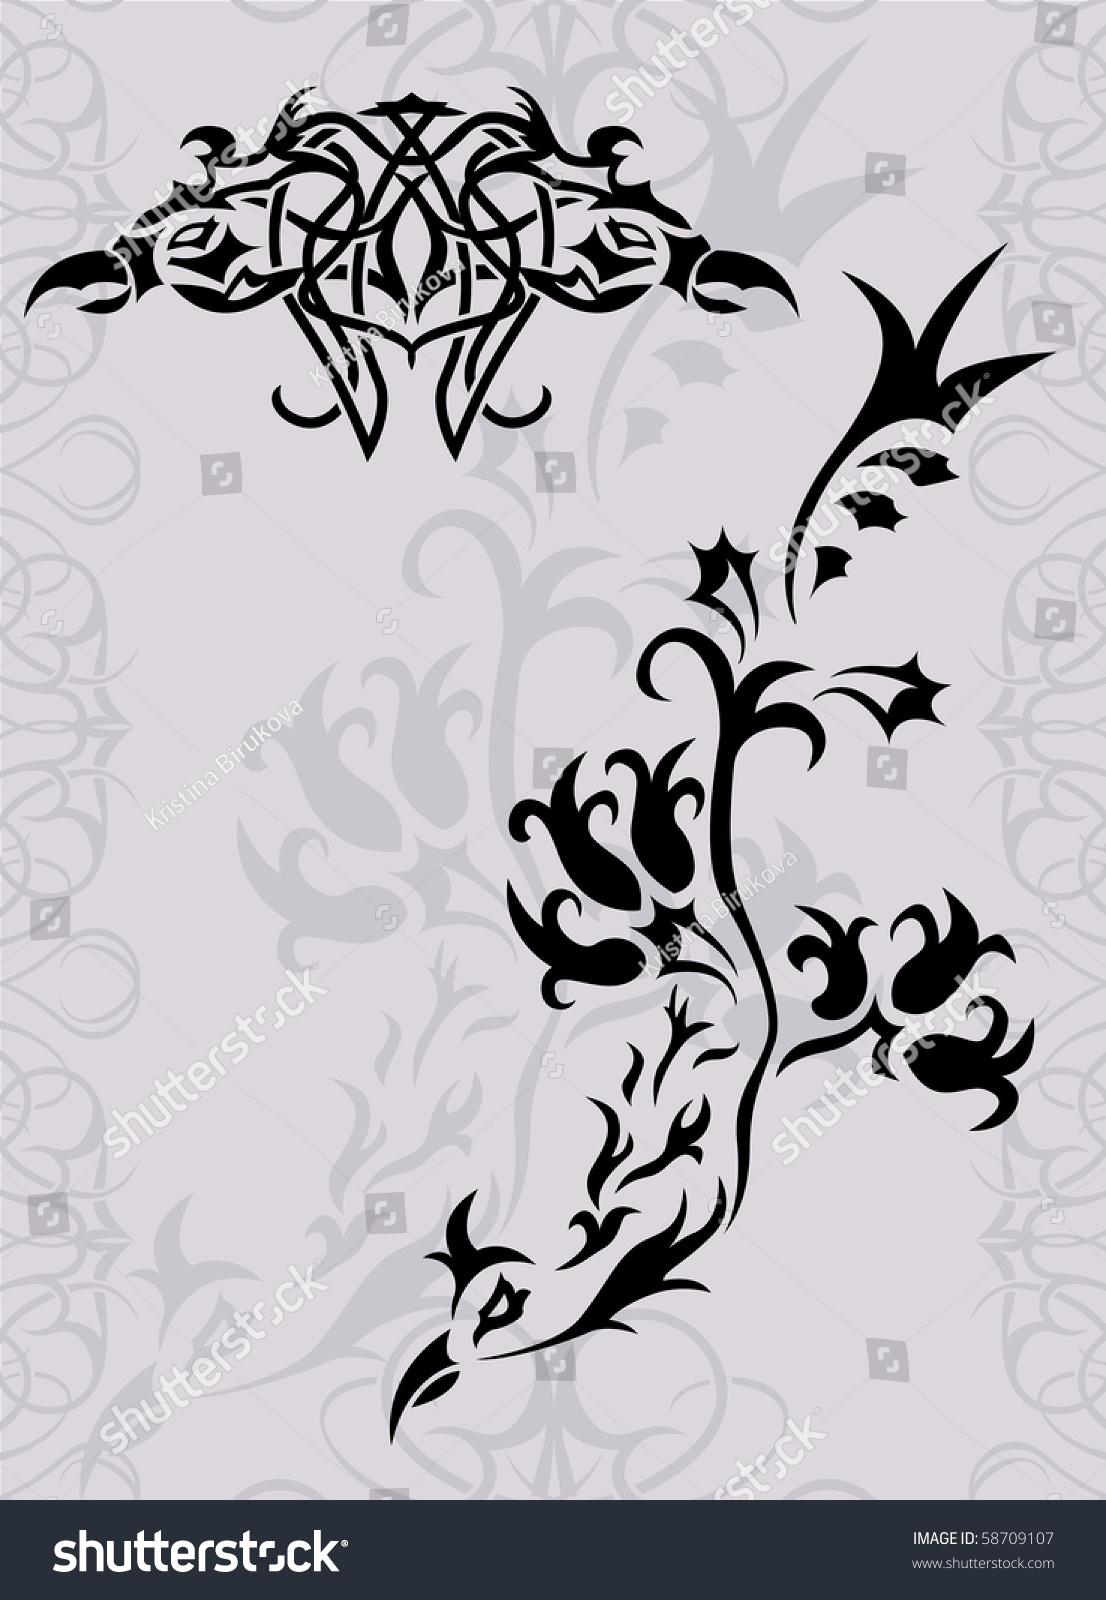 幻想凤凰纹身轮廓矢量插图-背景/素材,插图/剪贴图-()